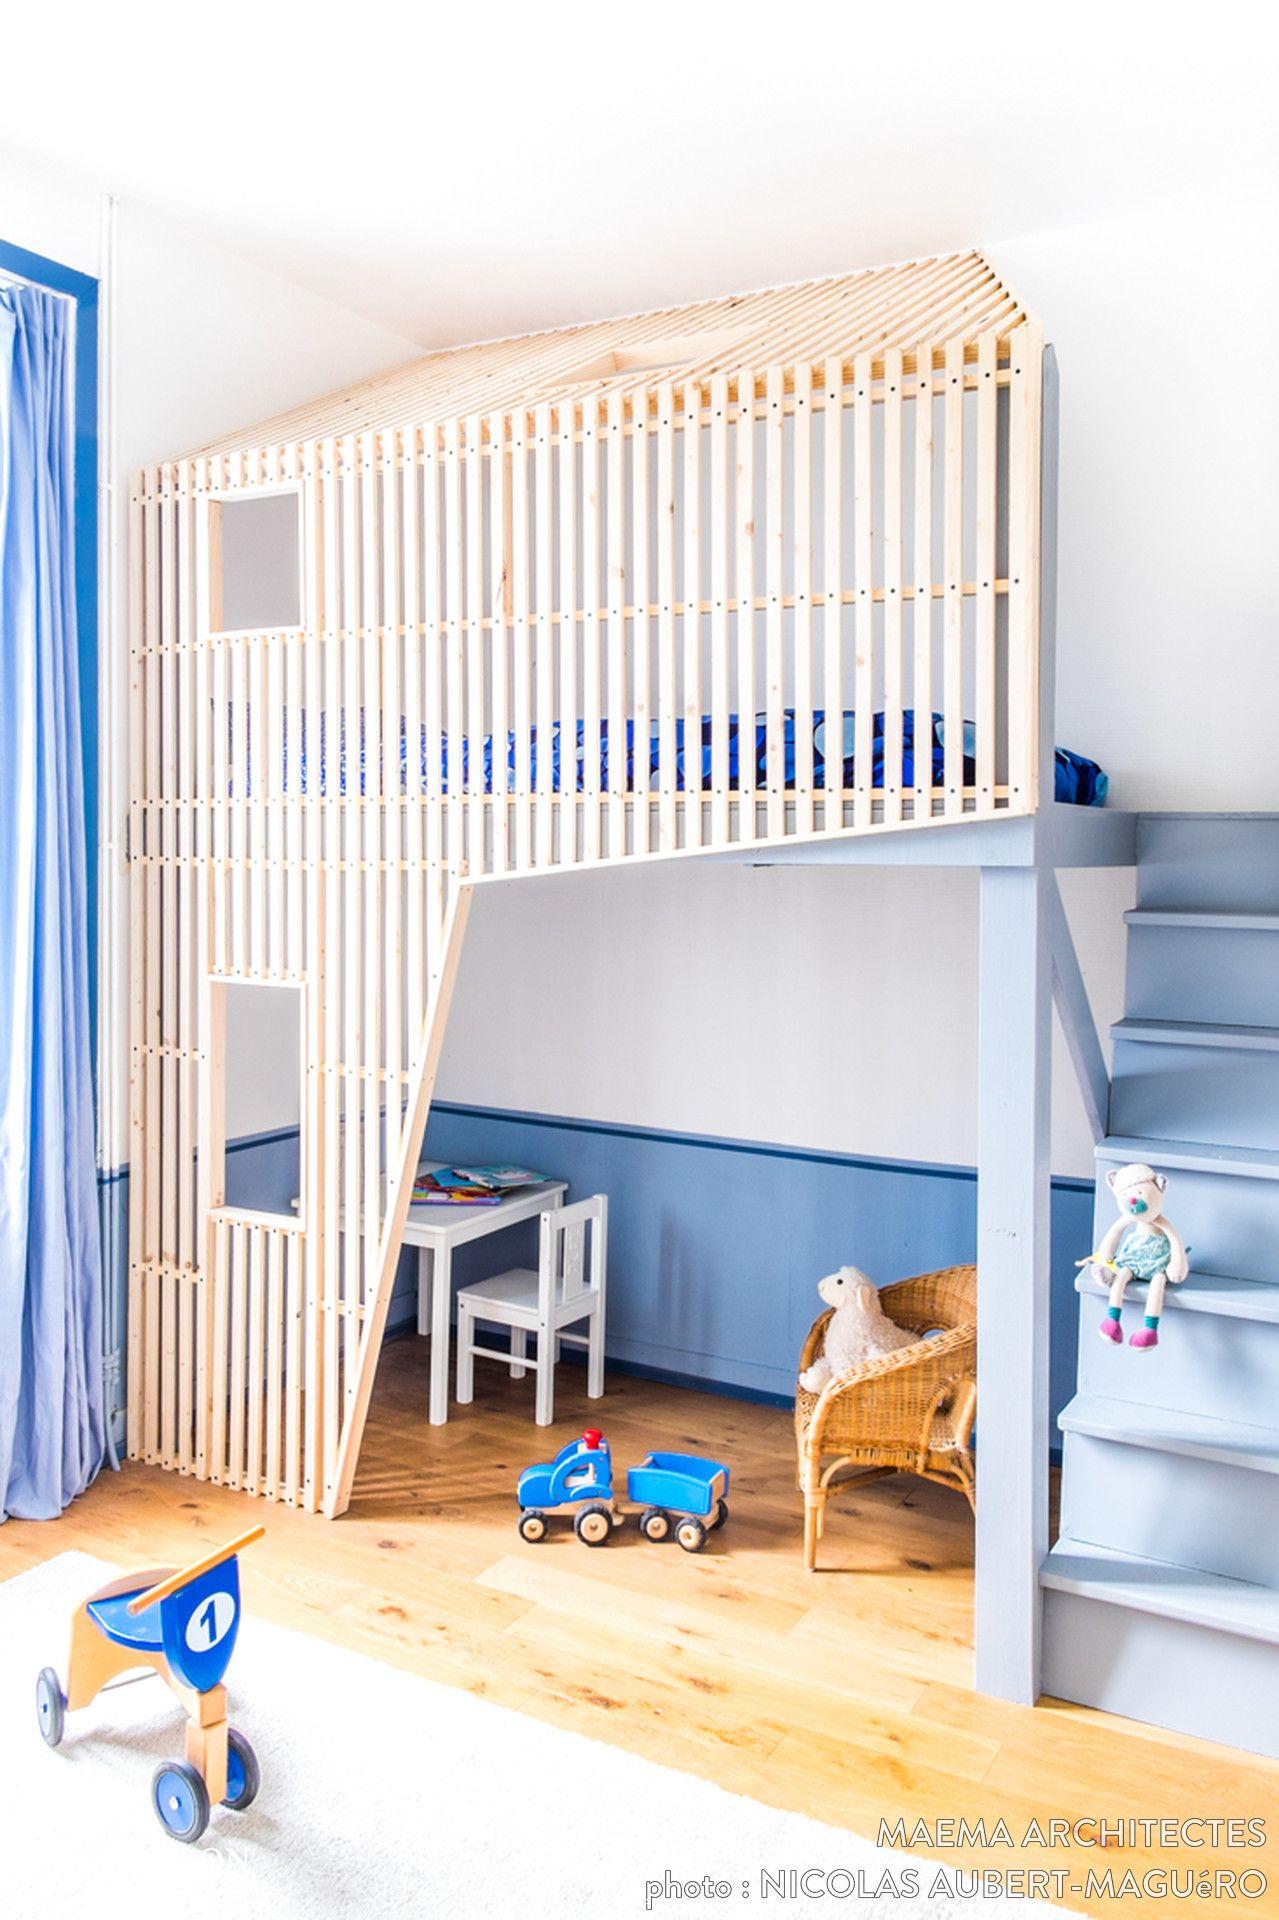 La cabane de Marius maéma architectes C´té Maison Projets